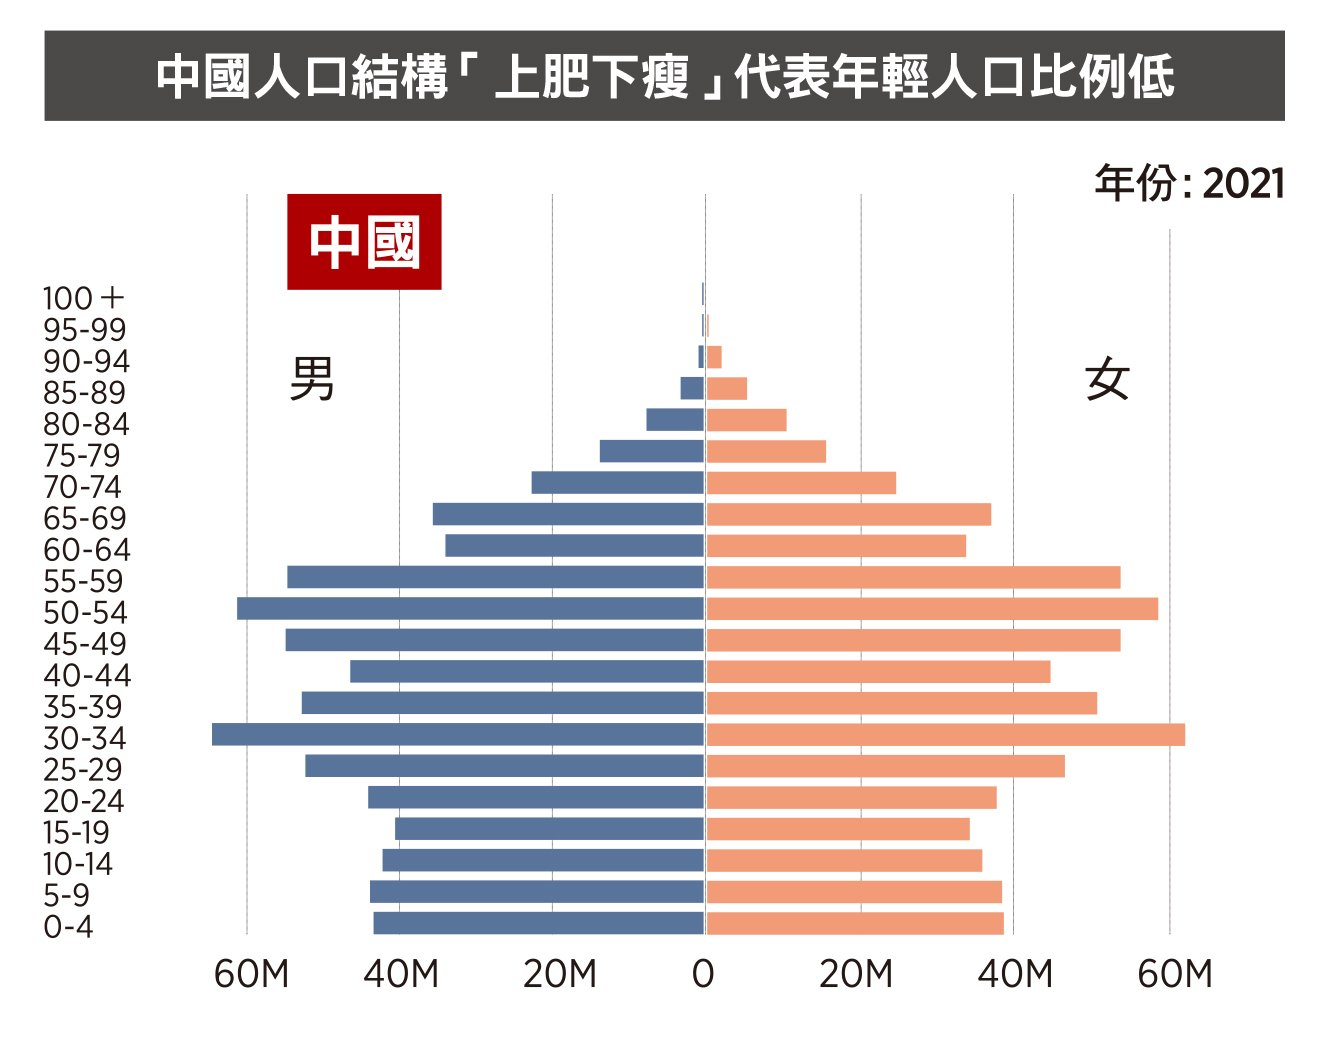 中國人口結構「上肥下瘦」代表年輕人口比例低。(大紀元製圖)